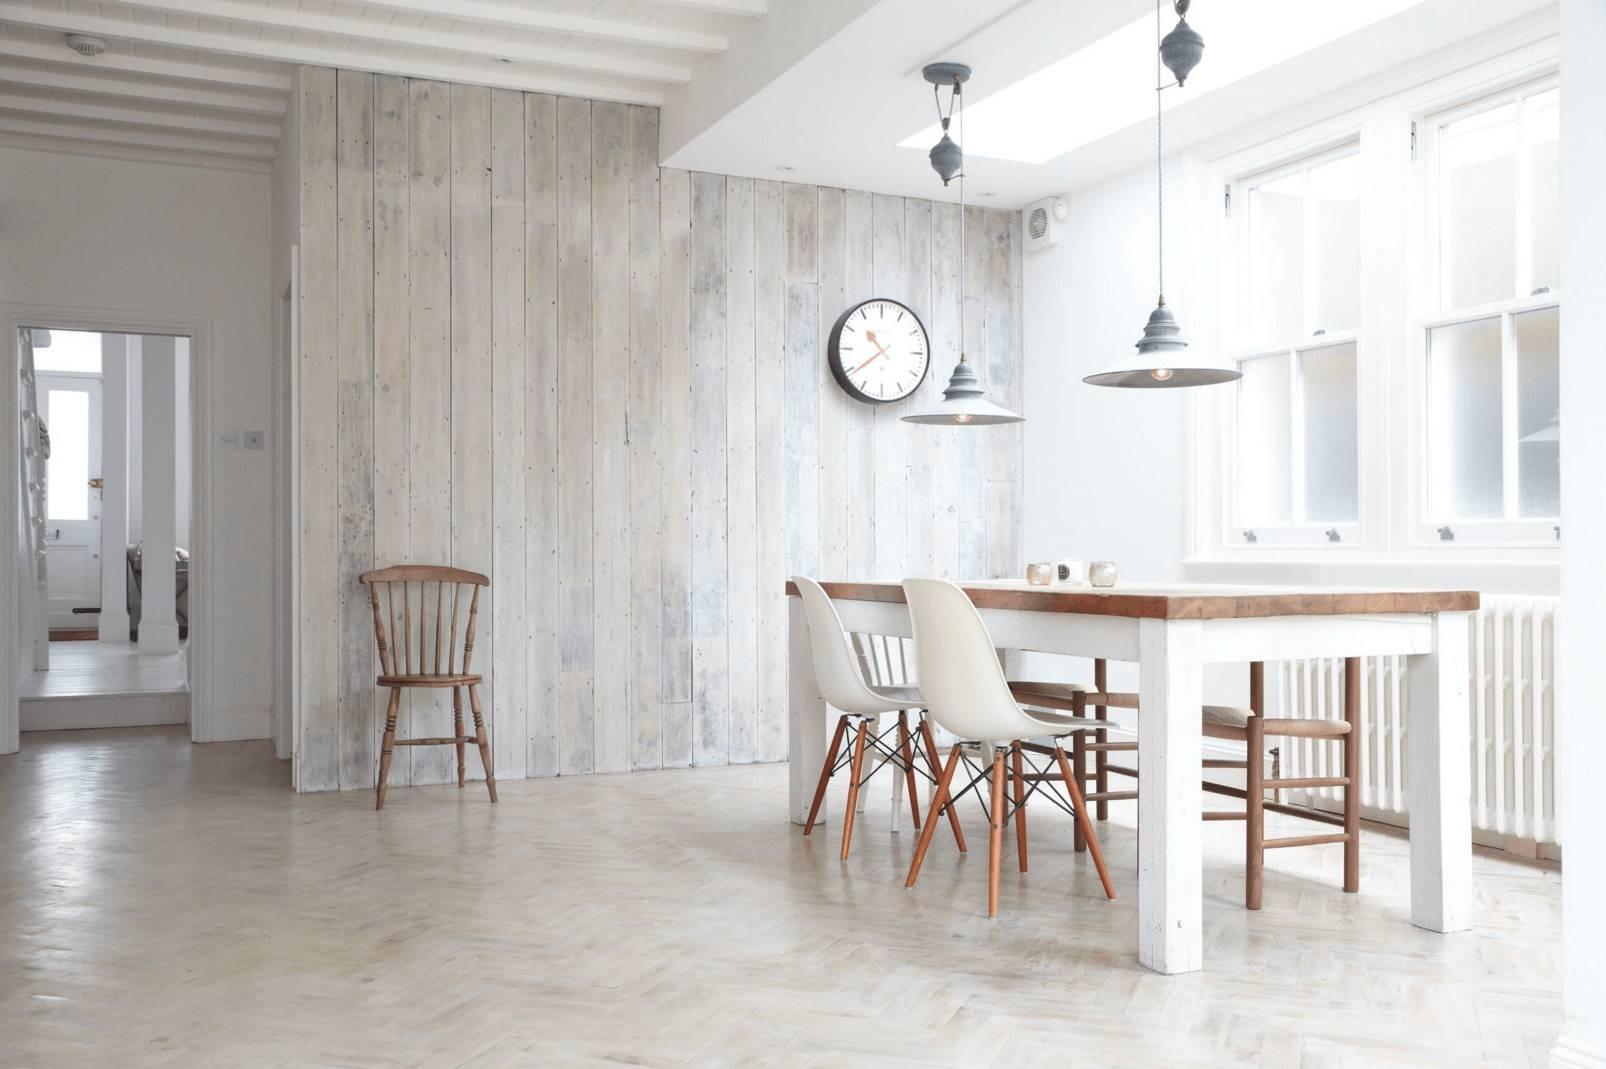 Скандинавский стиль давно уже стал синонимом простоты, минимализма и естественного света в интерьере